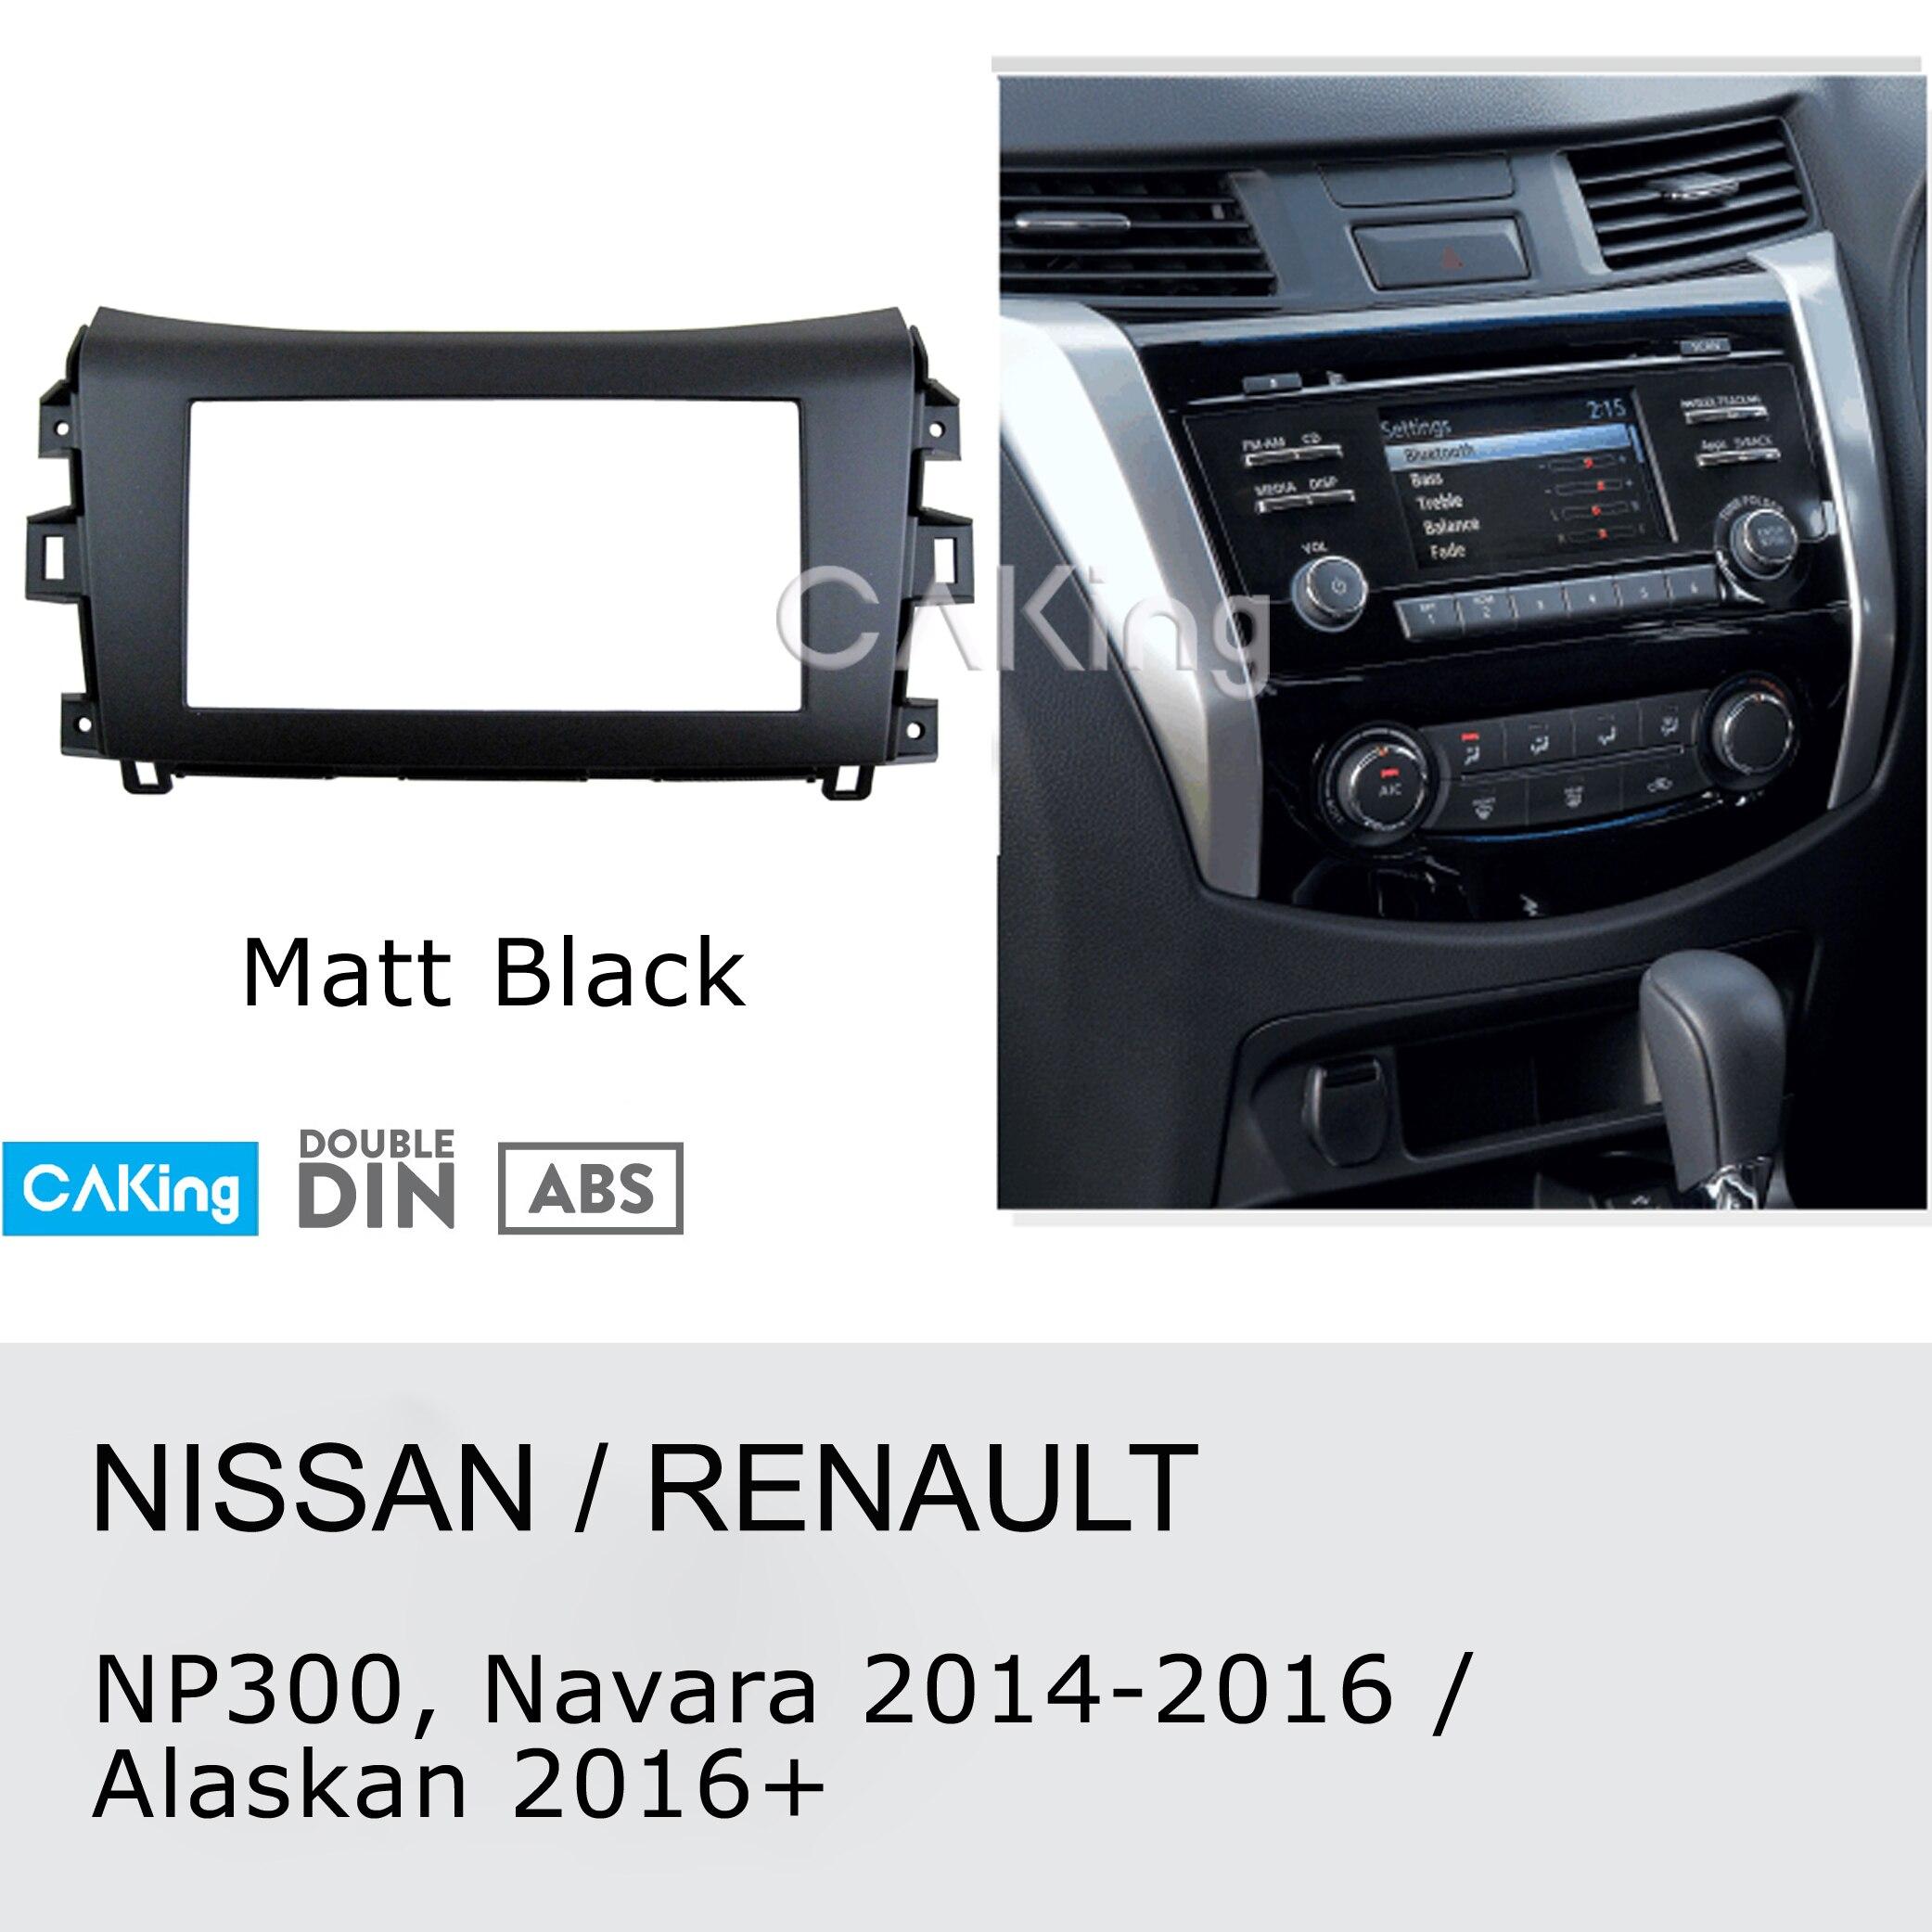 Panel de Radio Fascia de coche para Renault Alaskan 2016 +; NP300 Nissan, Navara, Frontier 2014-2016 (negro) tablero kit de instalación placa adaptadora